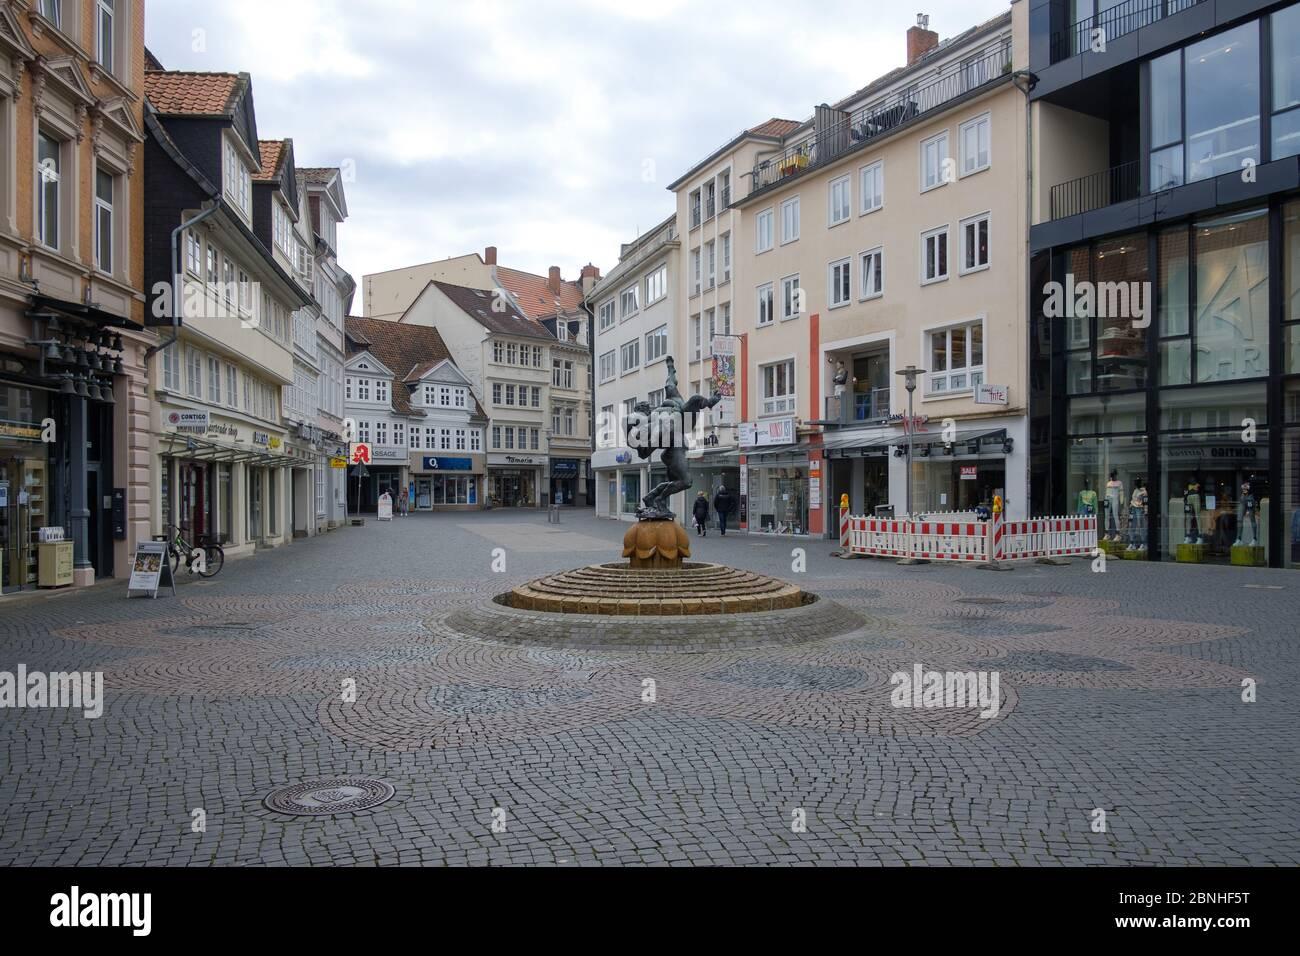 Brunswick, Alemania. 1 de abril de 2020. La zona peatonal vacía en Braunschweig. Para frenar la propagación del coronavirus, el gobierno federal ha restringido considerablemente la vida pública. Crédito: OLE Spata/dpa/Alamy Live News Foto de stock